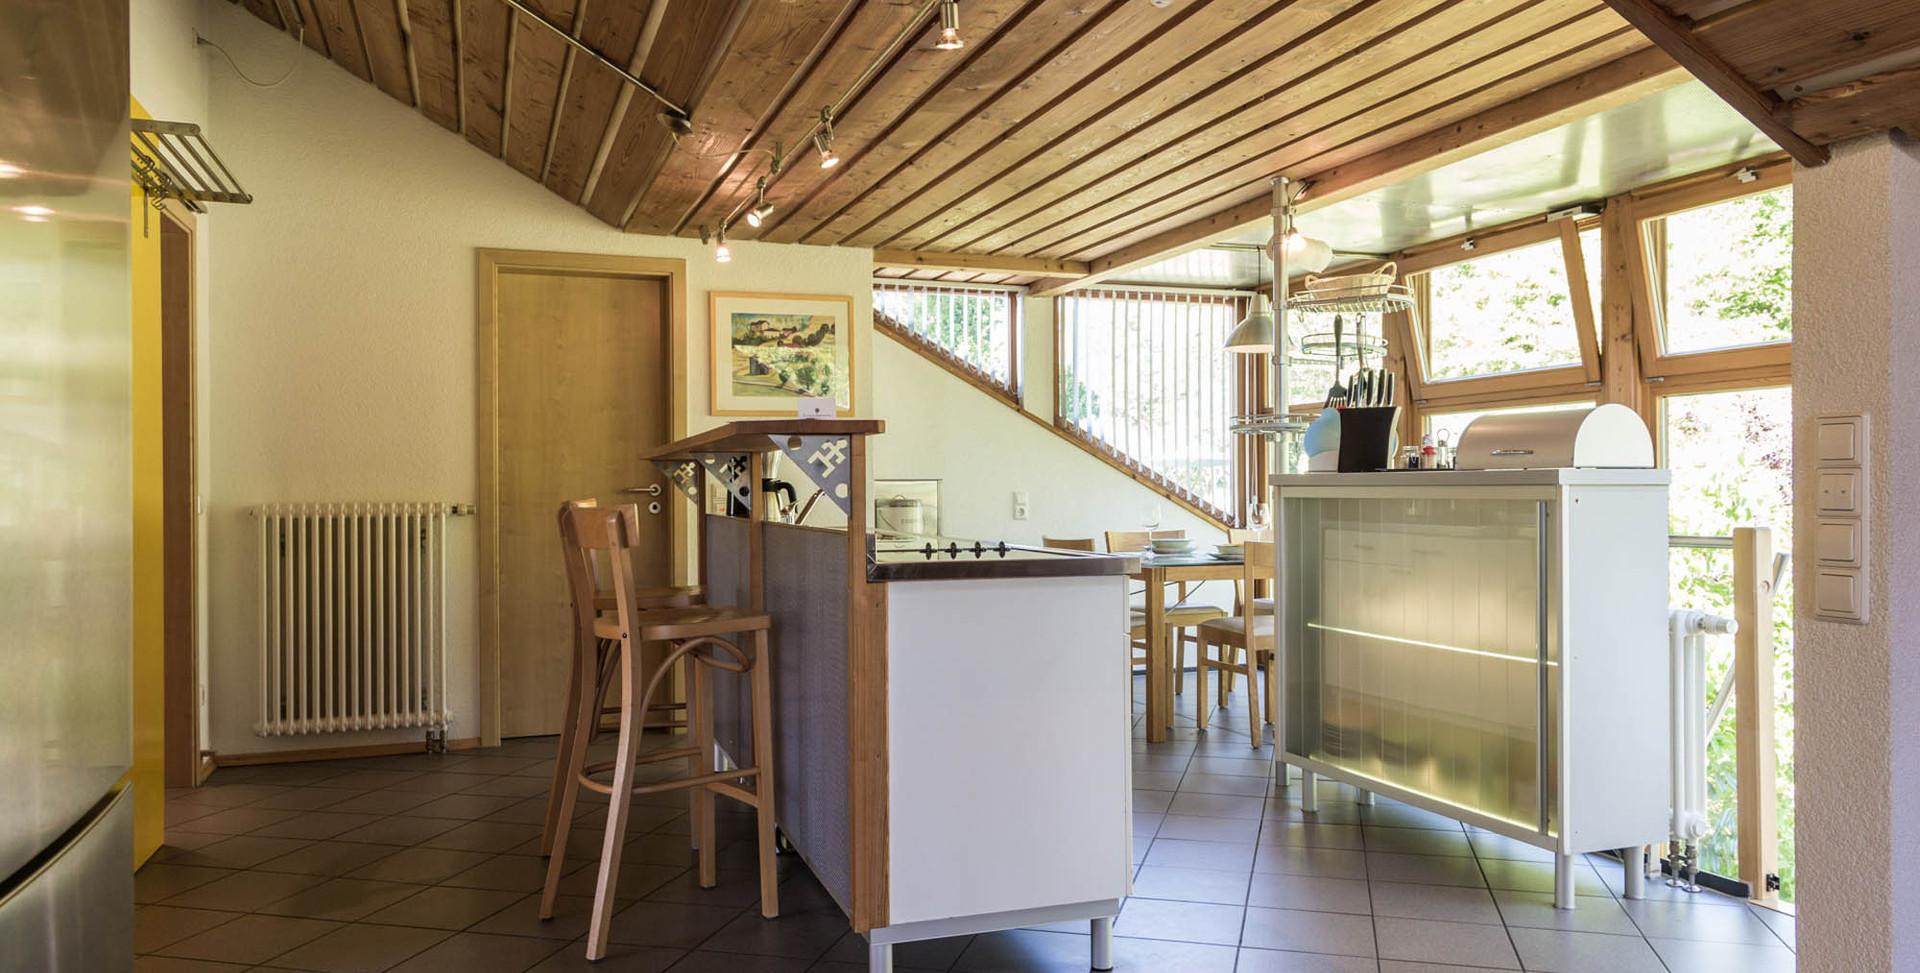 Küche Luftschloss - Klaushausen